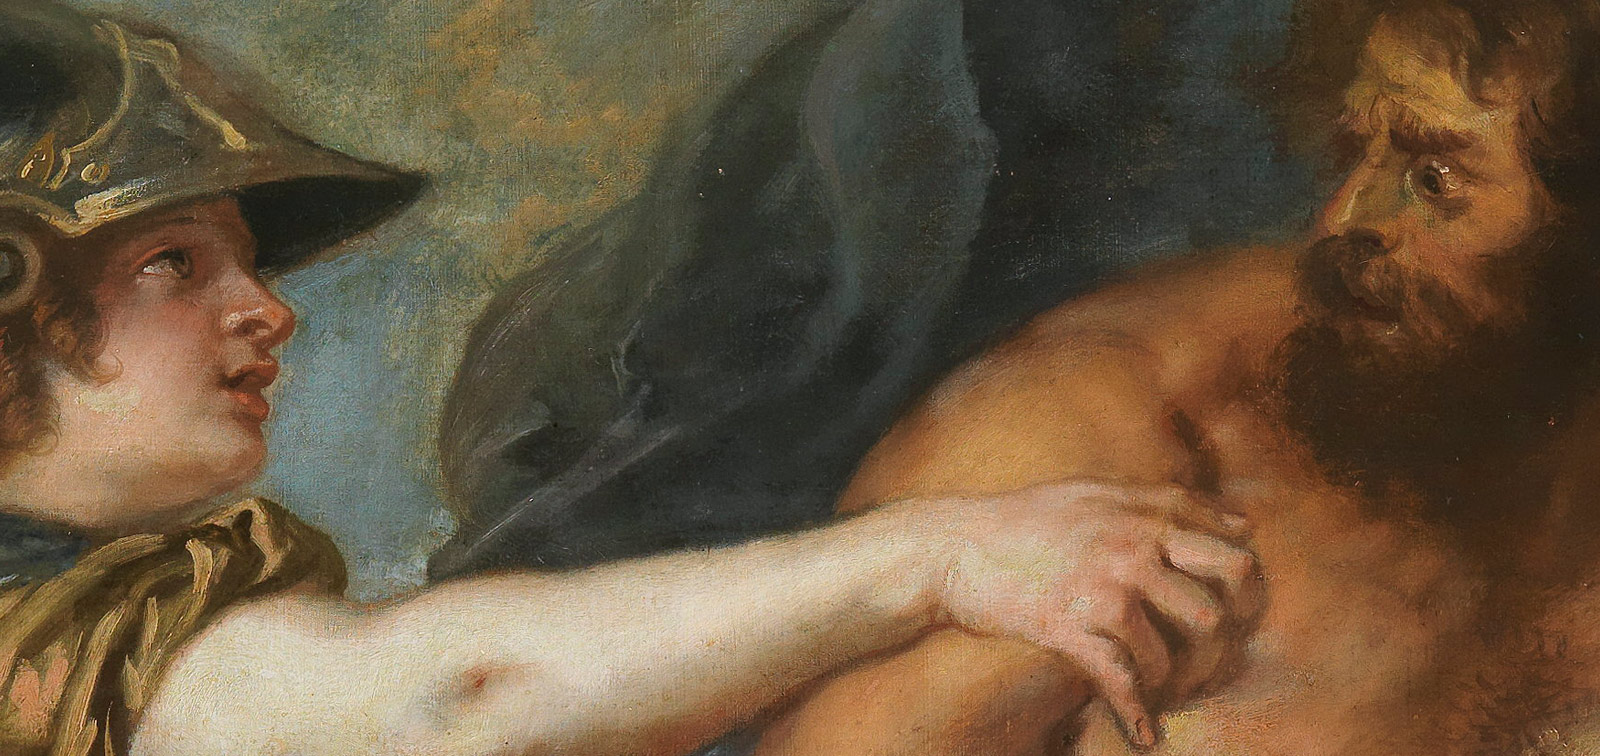 Visitas en latín. Heroes et amores mythologici